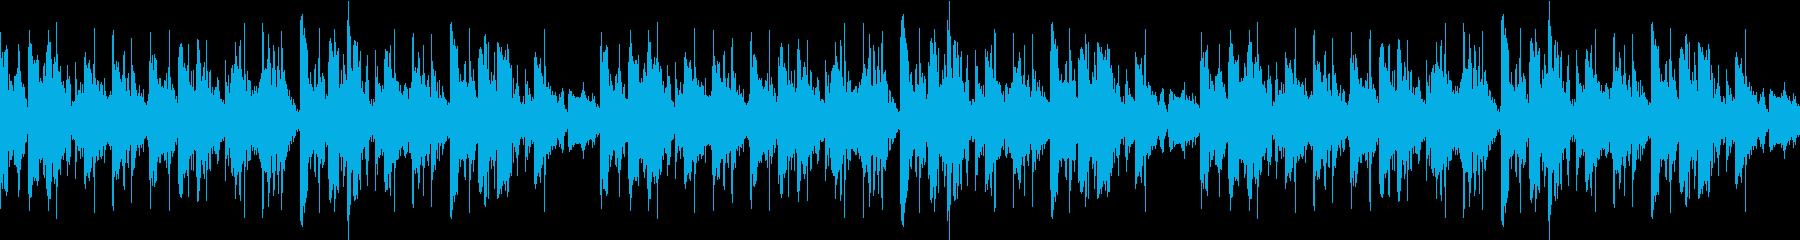 リバーブループ2の再生済みの波形